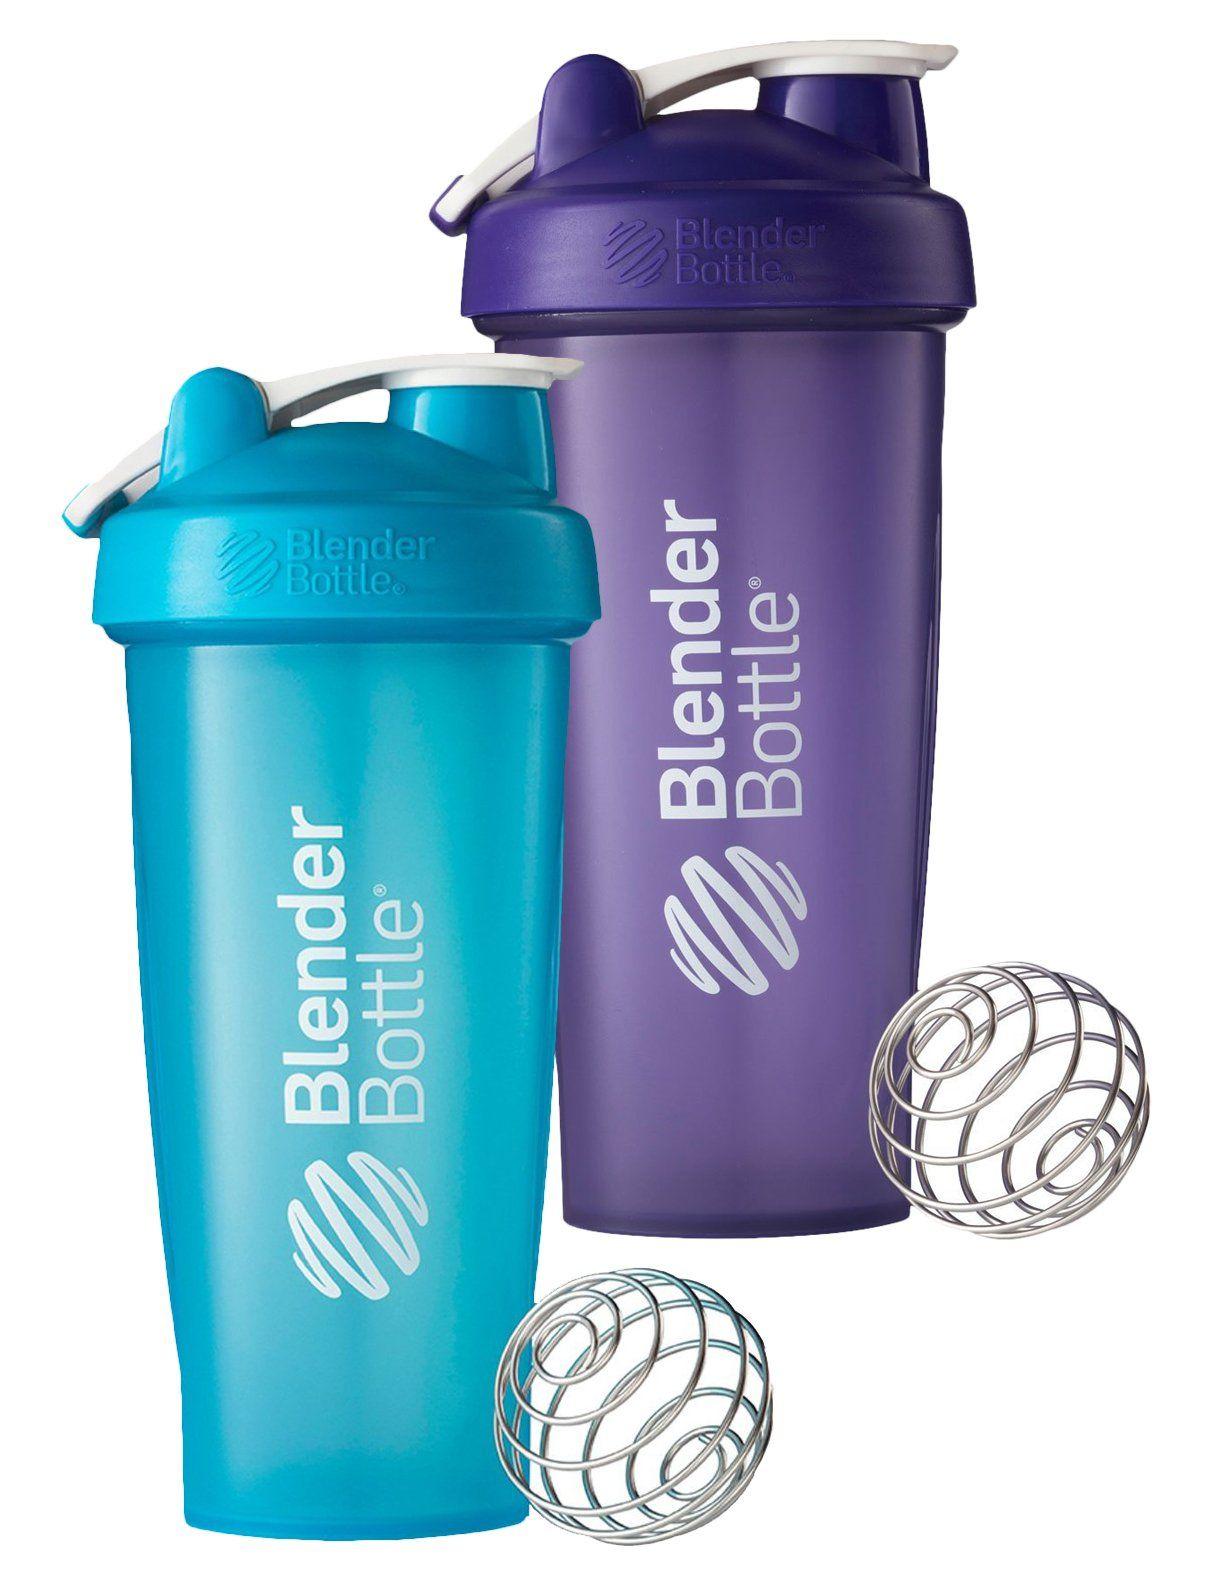 28 Oz. Hook Blender Bottle W/wire Shaker Ball BundleFull Color Aqua ...